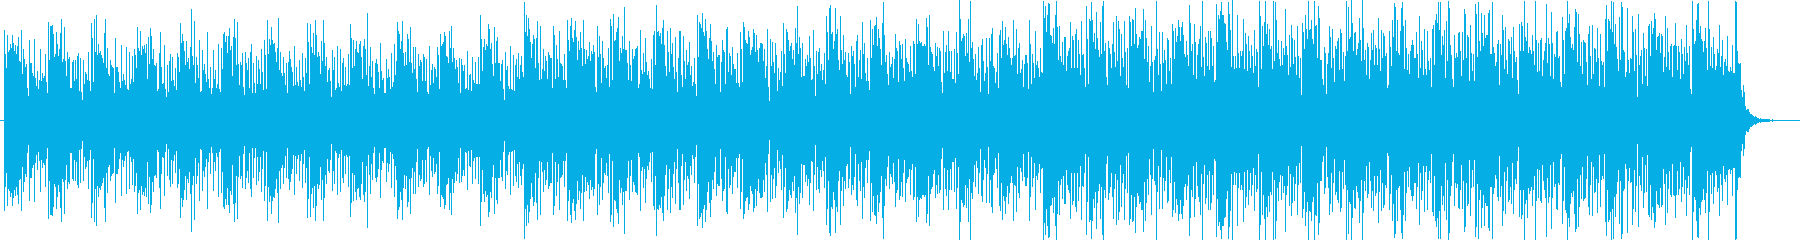 【ニュース系4】シンセ、無機質、坦々aの再生済みの波形